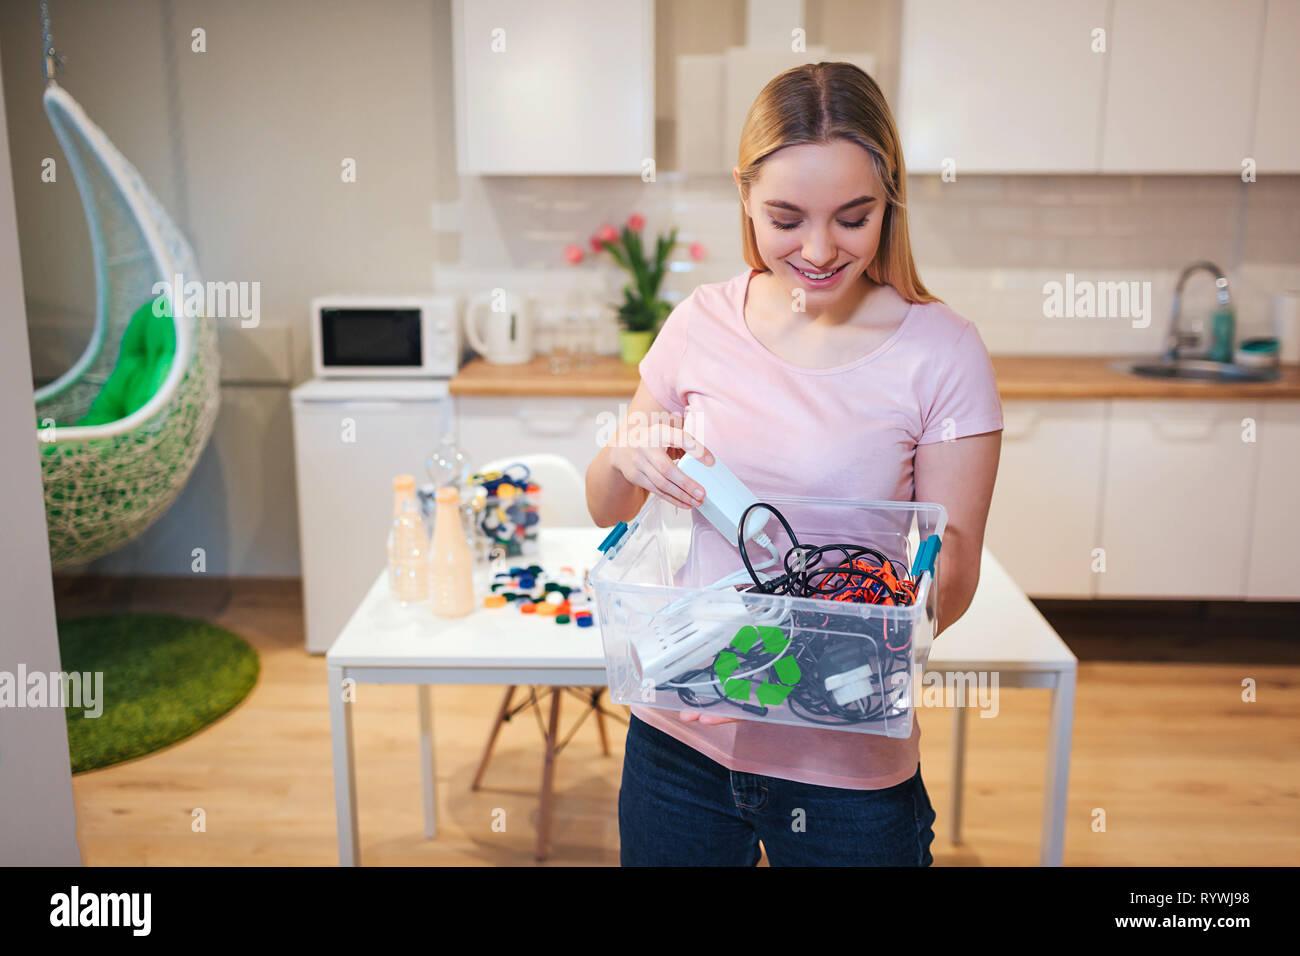 Reciclaje. Joven Mujer sonriente Celebración de desechos electrónicos en el contenedor con icono verde reciclar sobre fondo de cocina Imagen De Stock